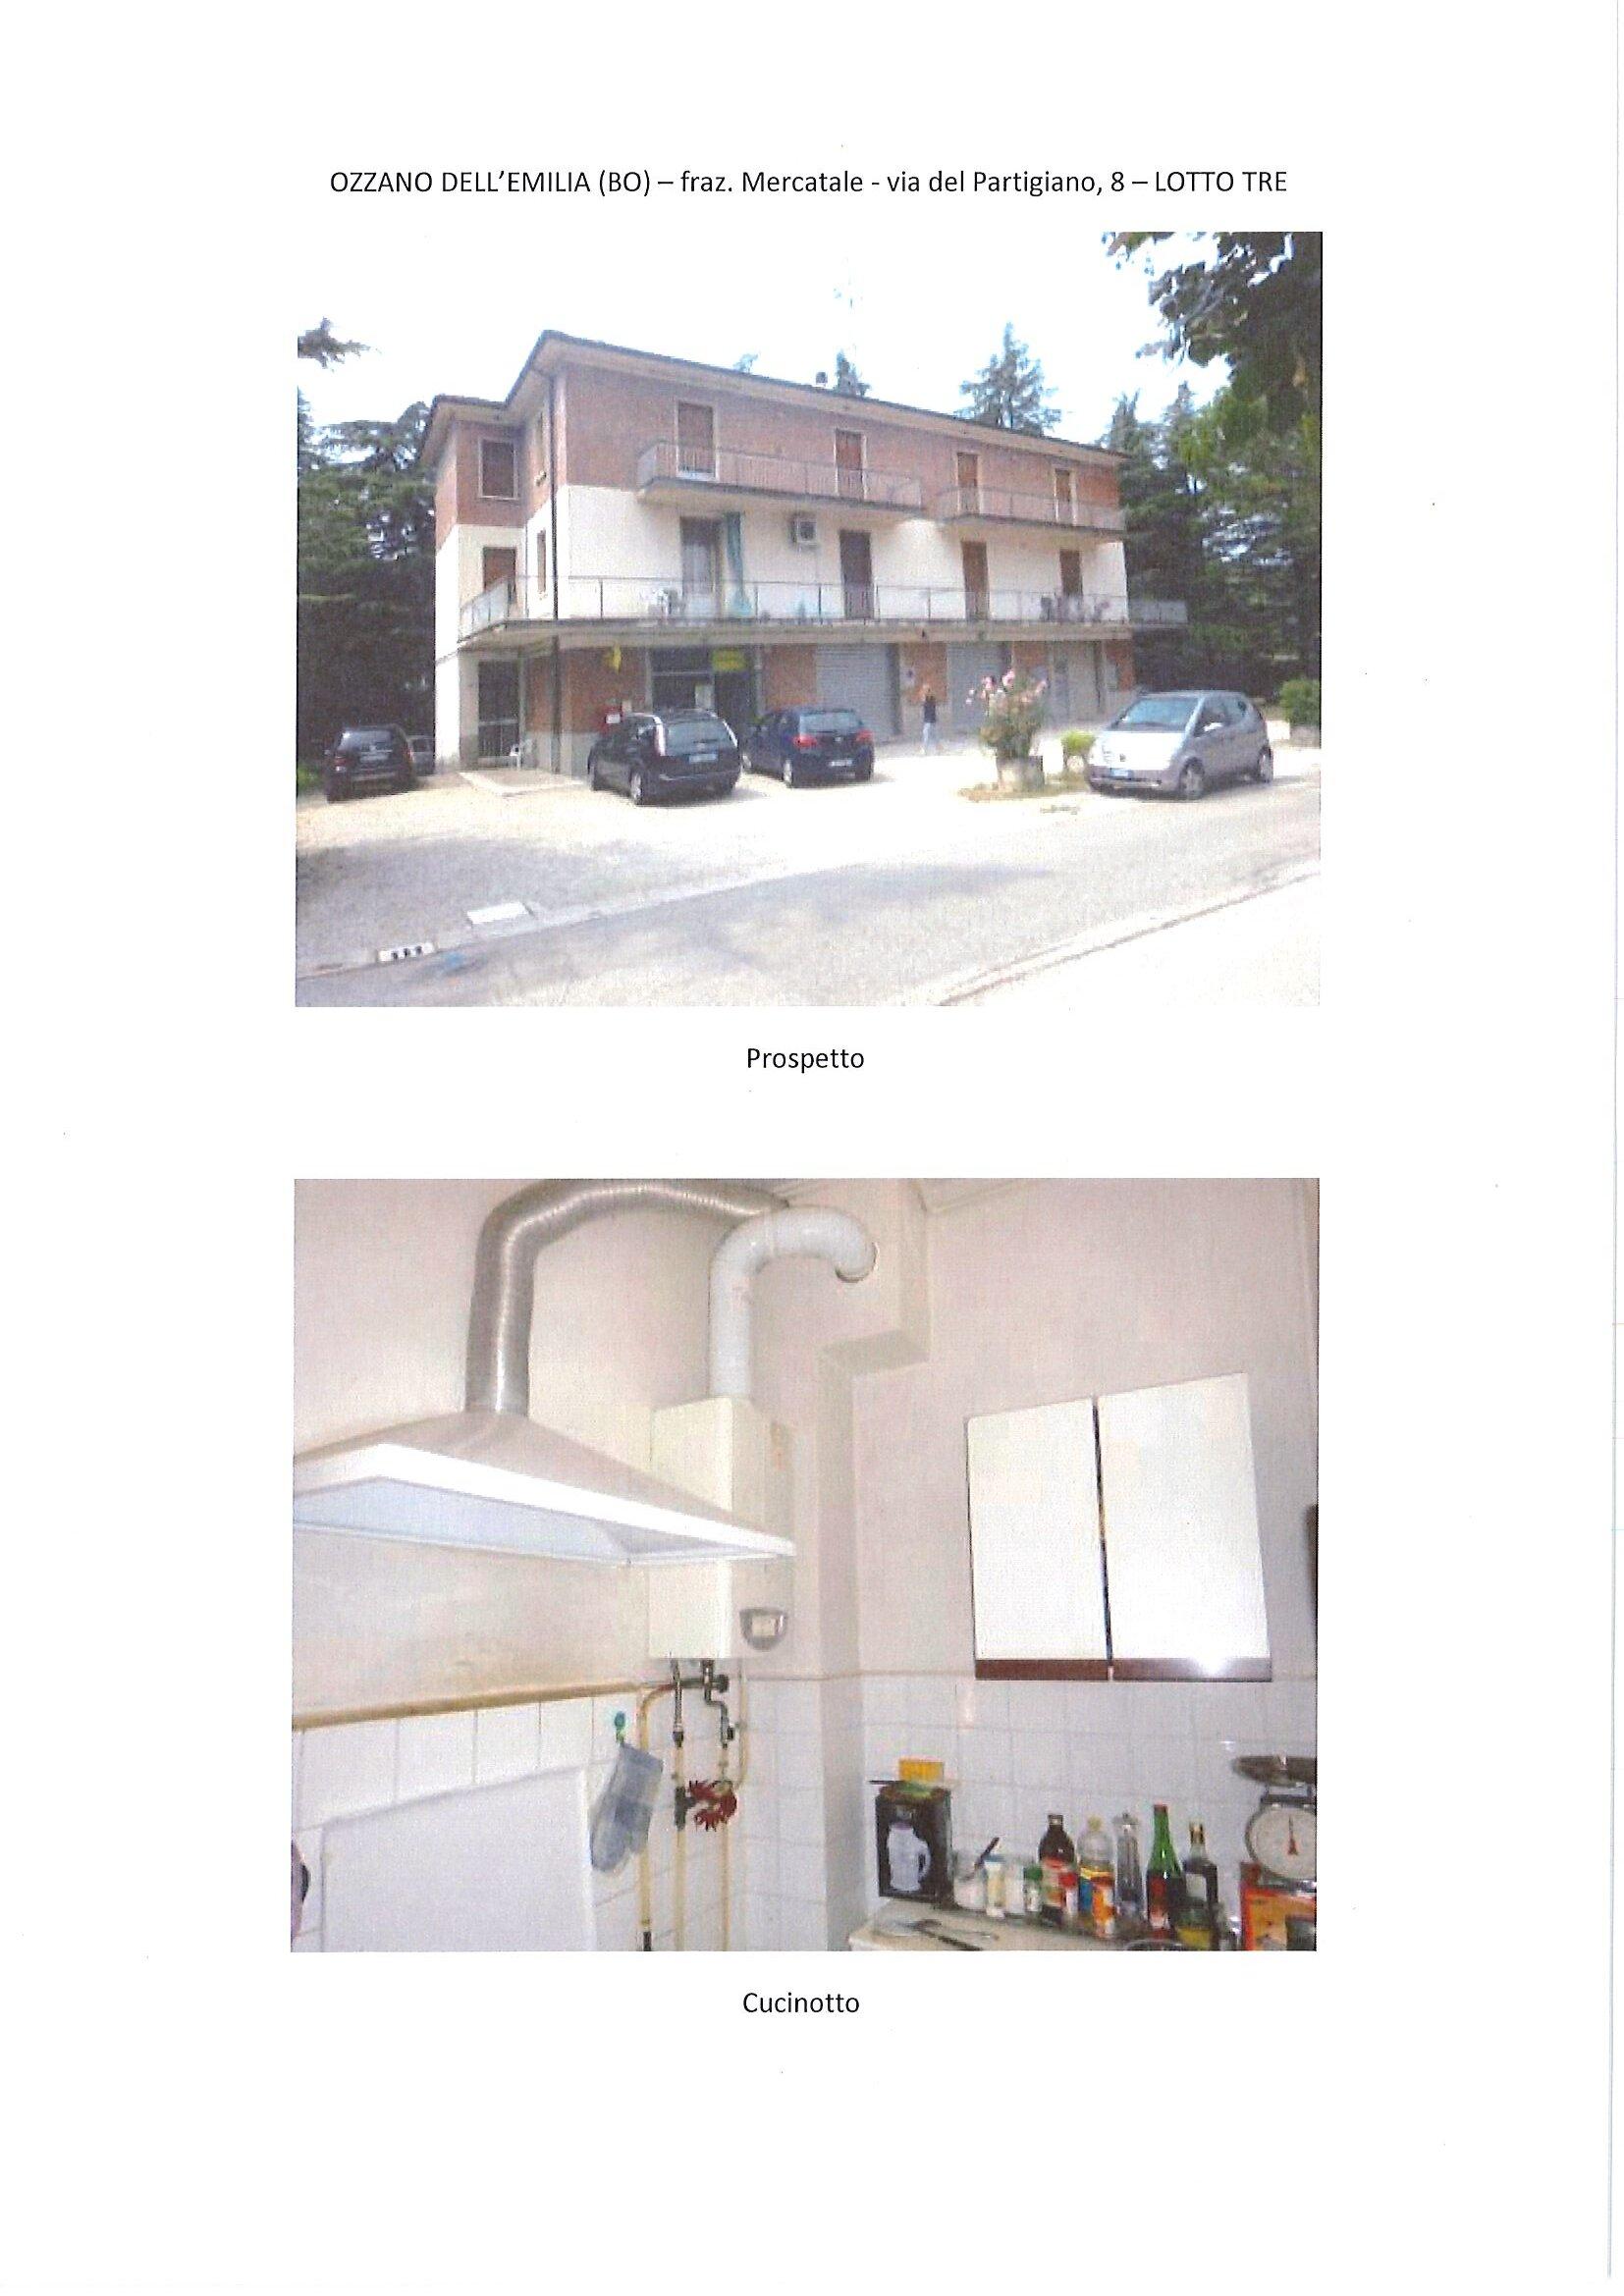 Appartamento, via del partigiano localit agrave mercatale, Vendita - Ozzano Dell'emilia